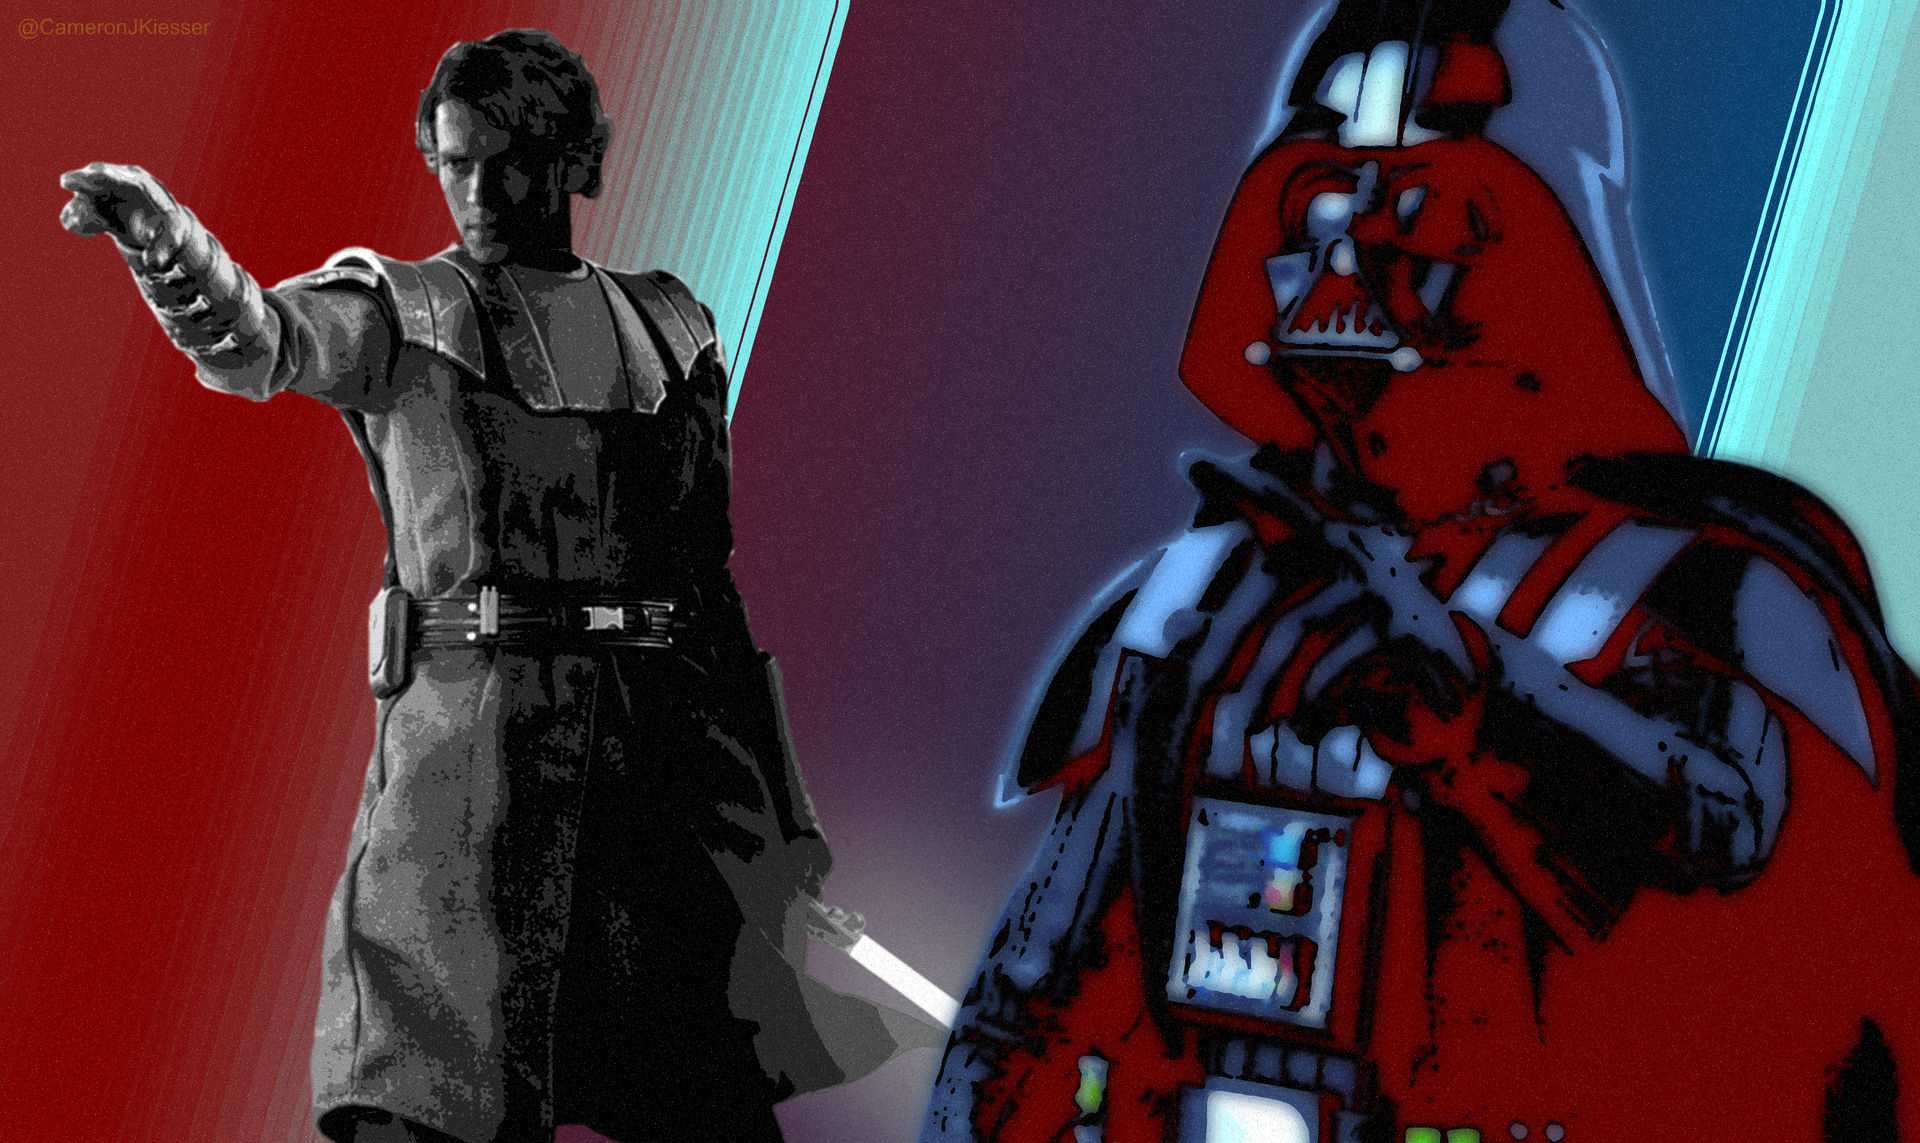 Anakin Skywalker Darth Vader Star Wars Wallpaper By Cameron Kiesser On Deviantart